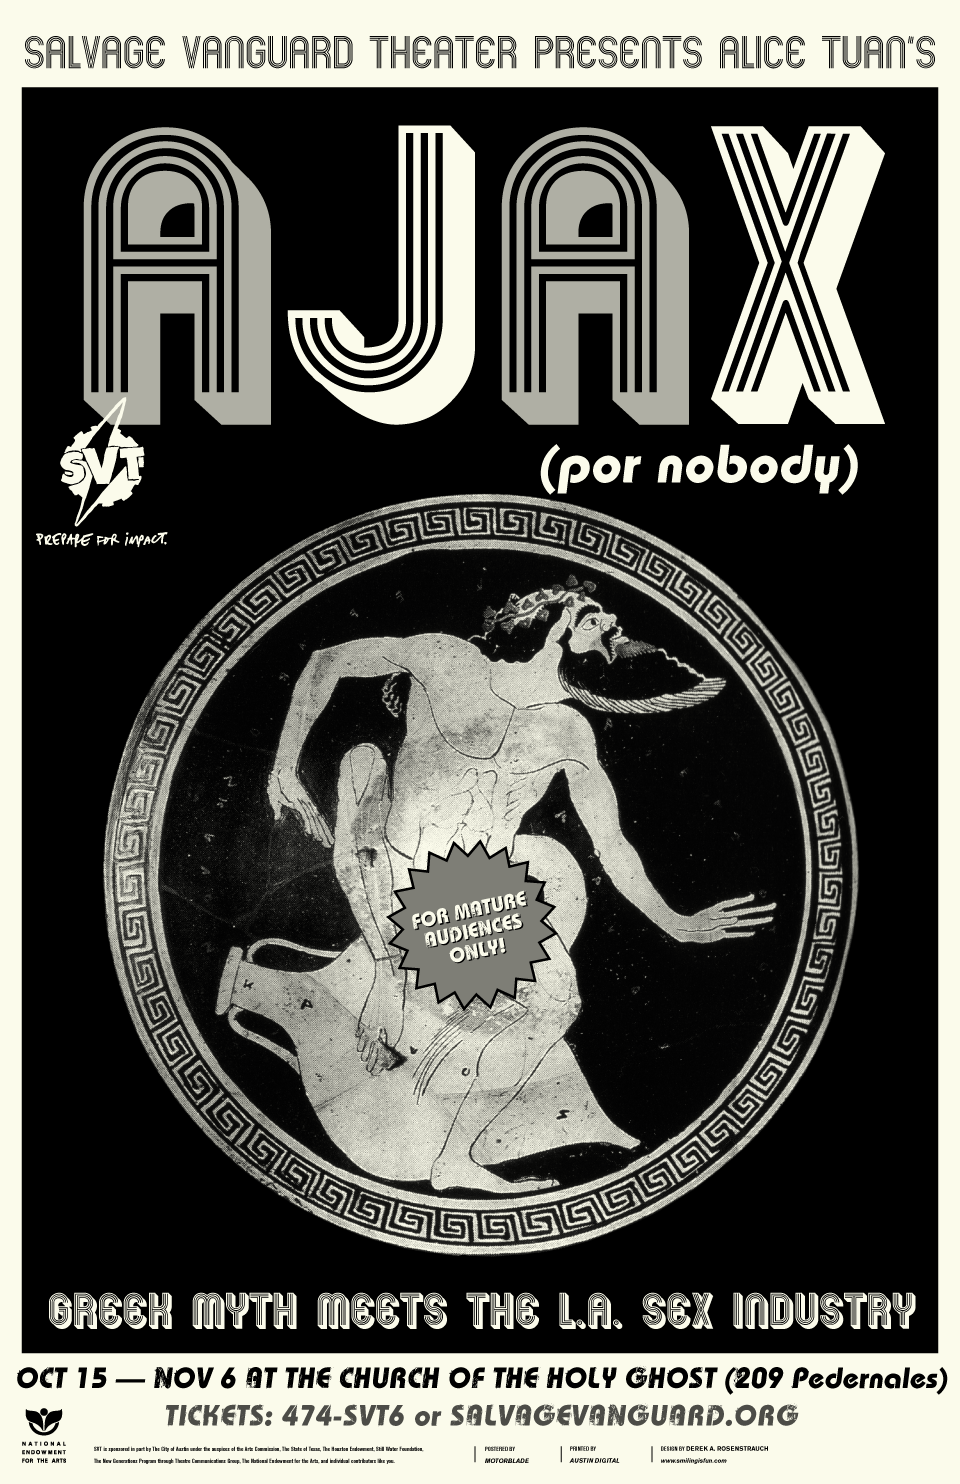 Ajax (por nobody)